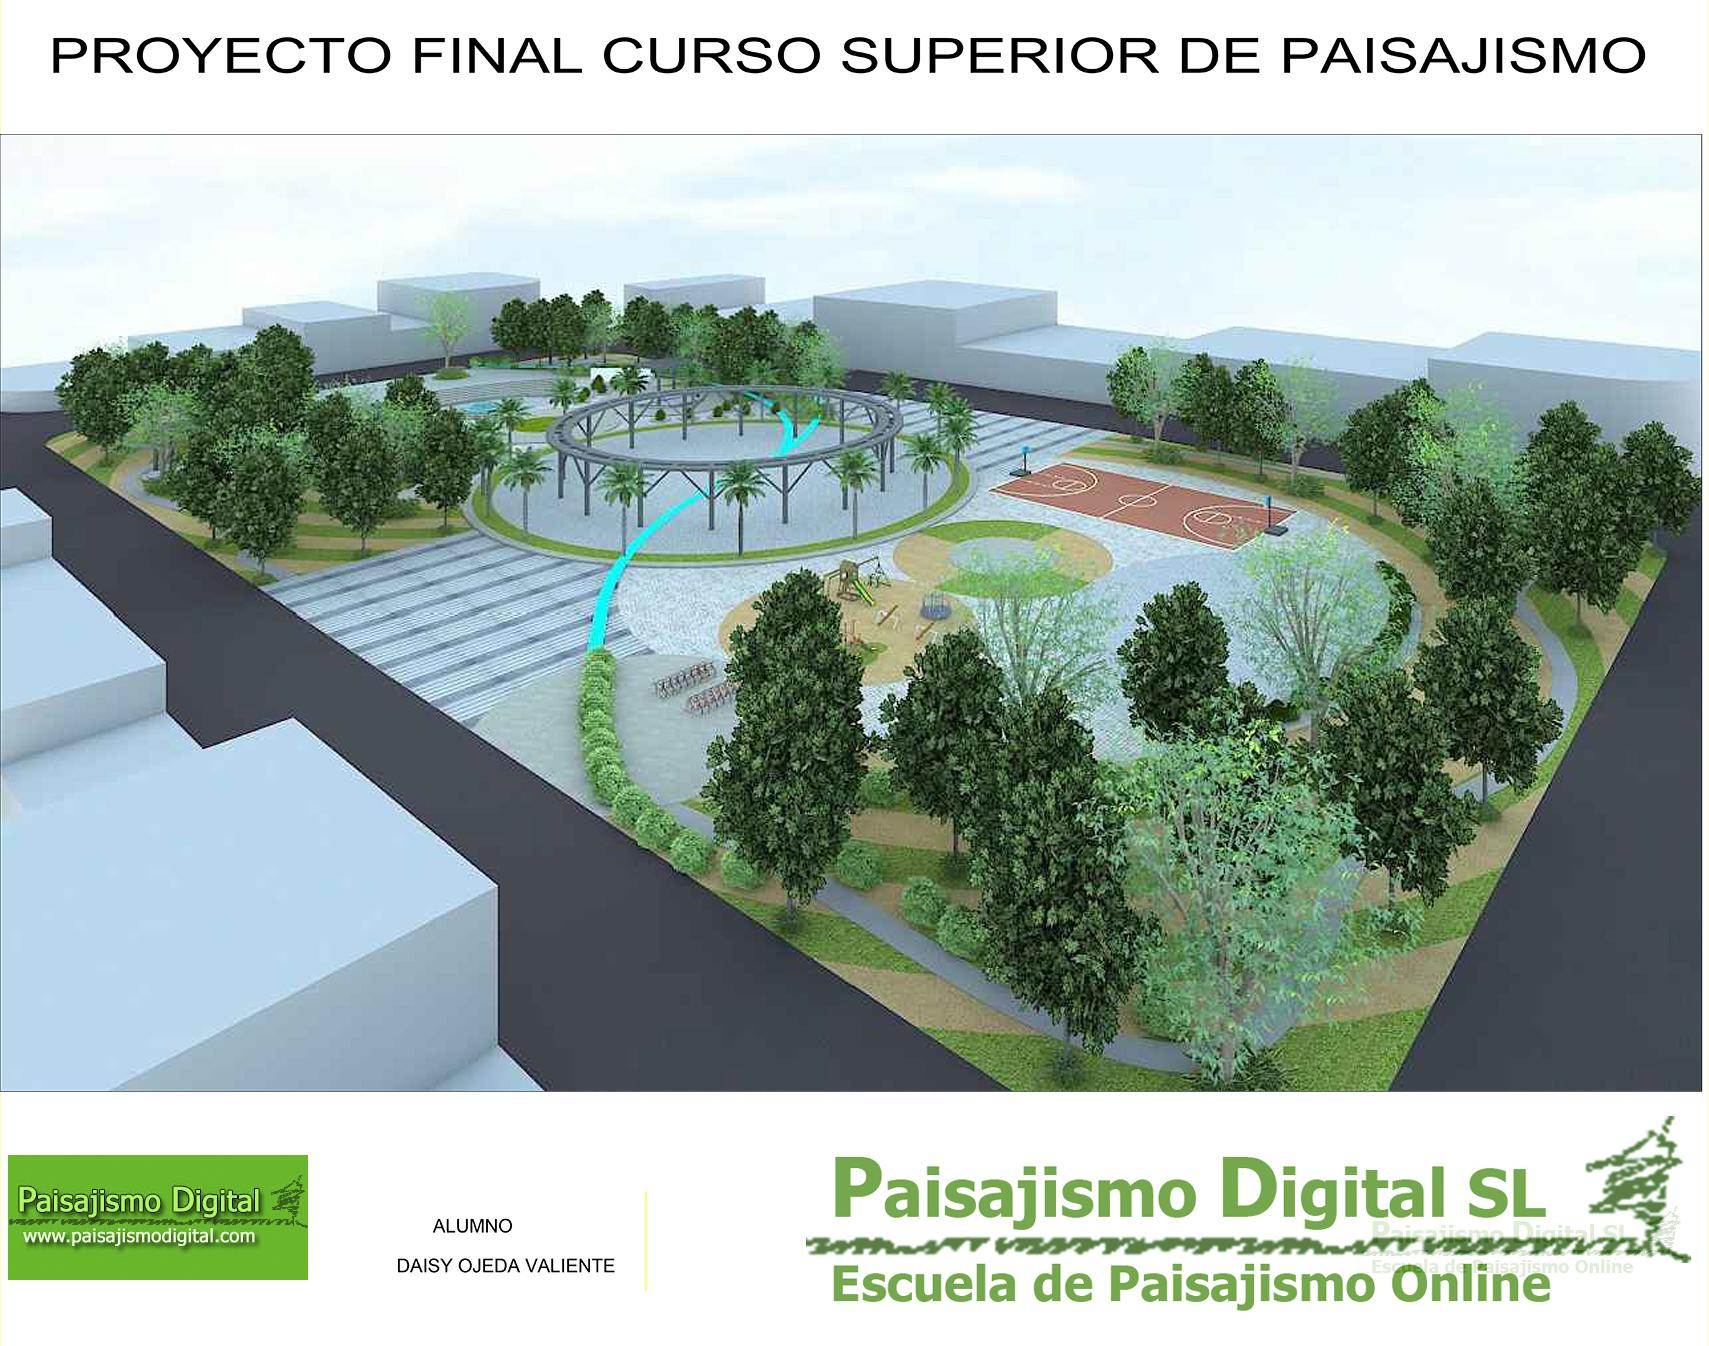 Curso superior de paisajismo noticias de paisajismo for Curso paisajismo